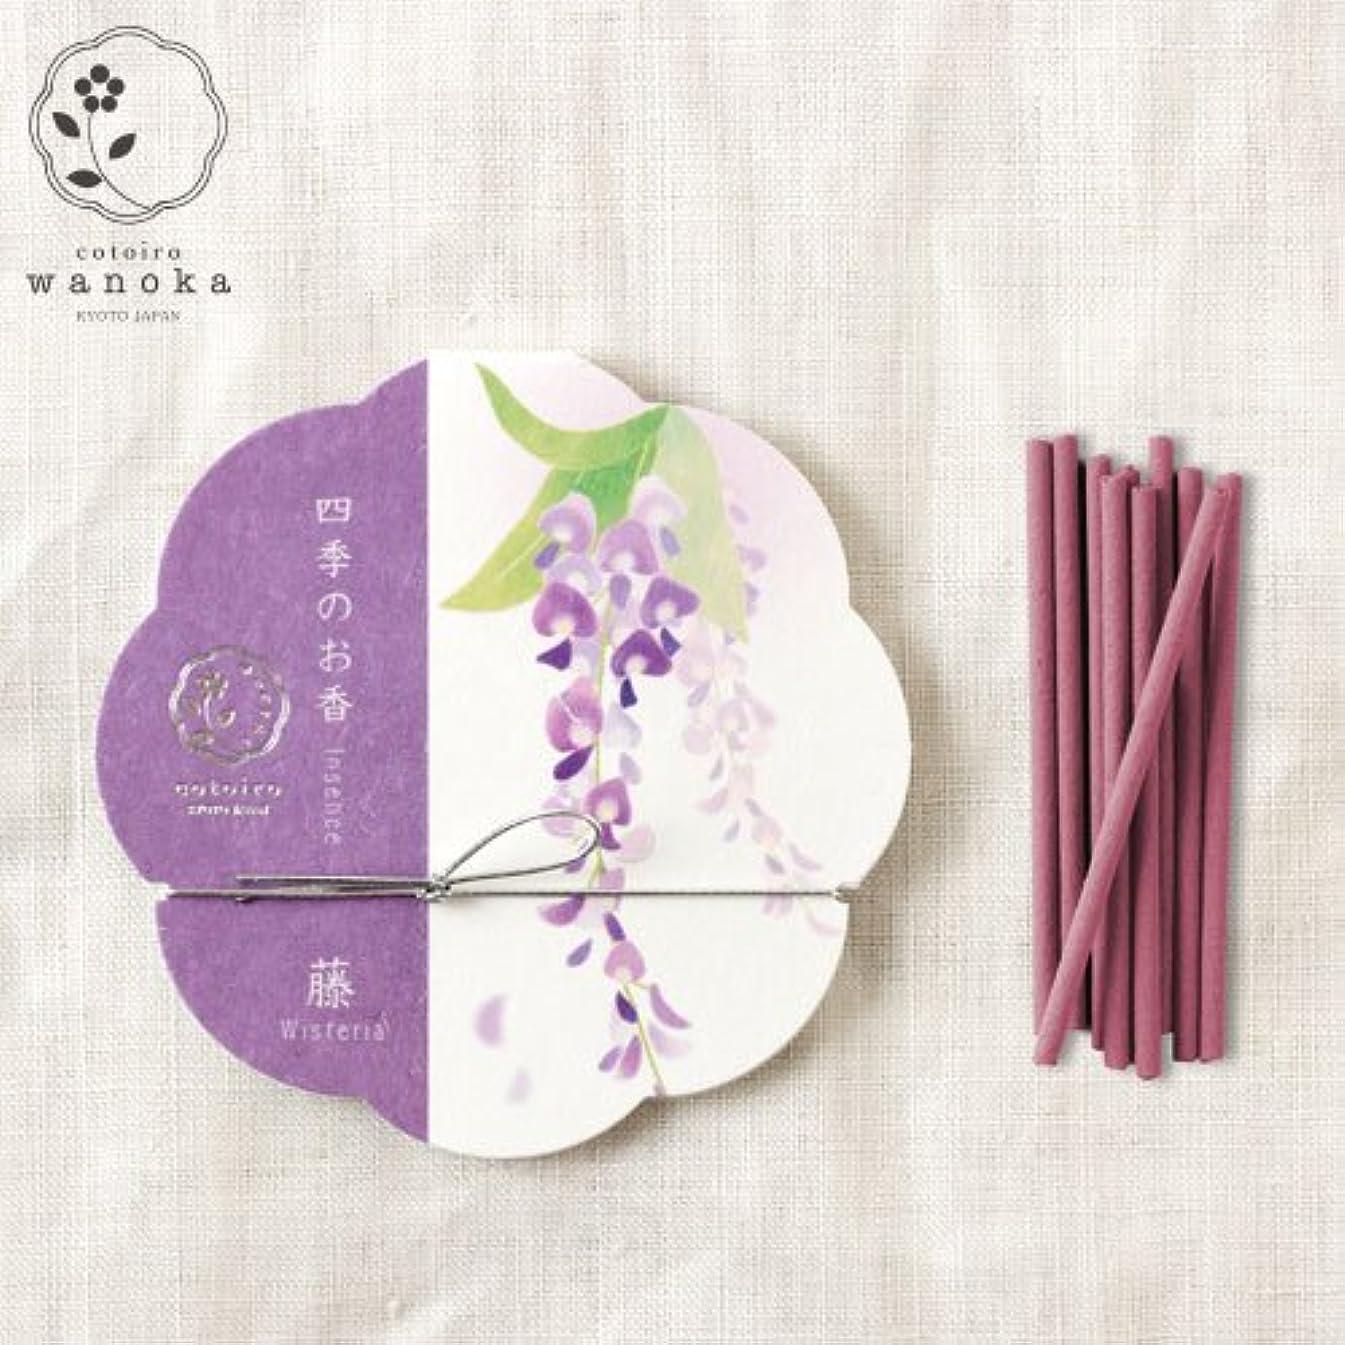 衝突する甘やかすあなたはwanoka四季のお香(インセンス)藤《藤をイメージした華やかな香り》ART LABIncense stick